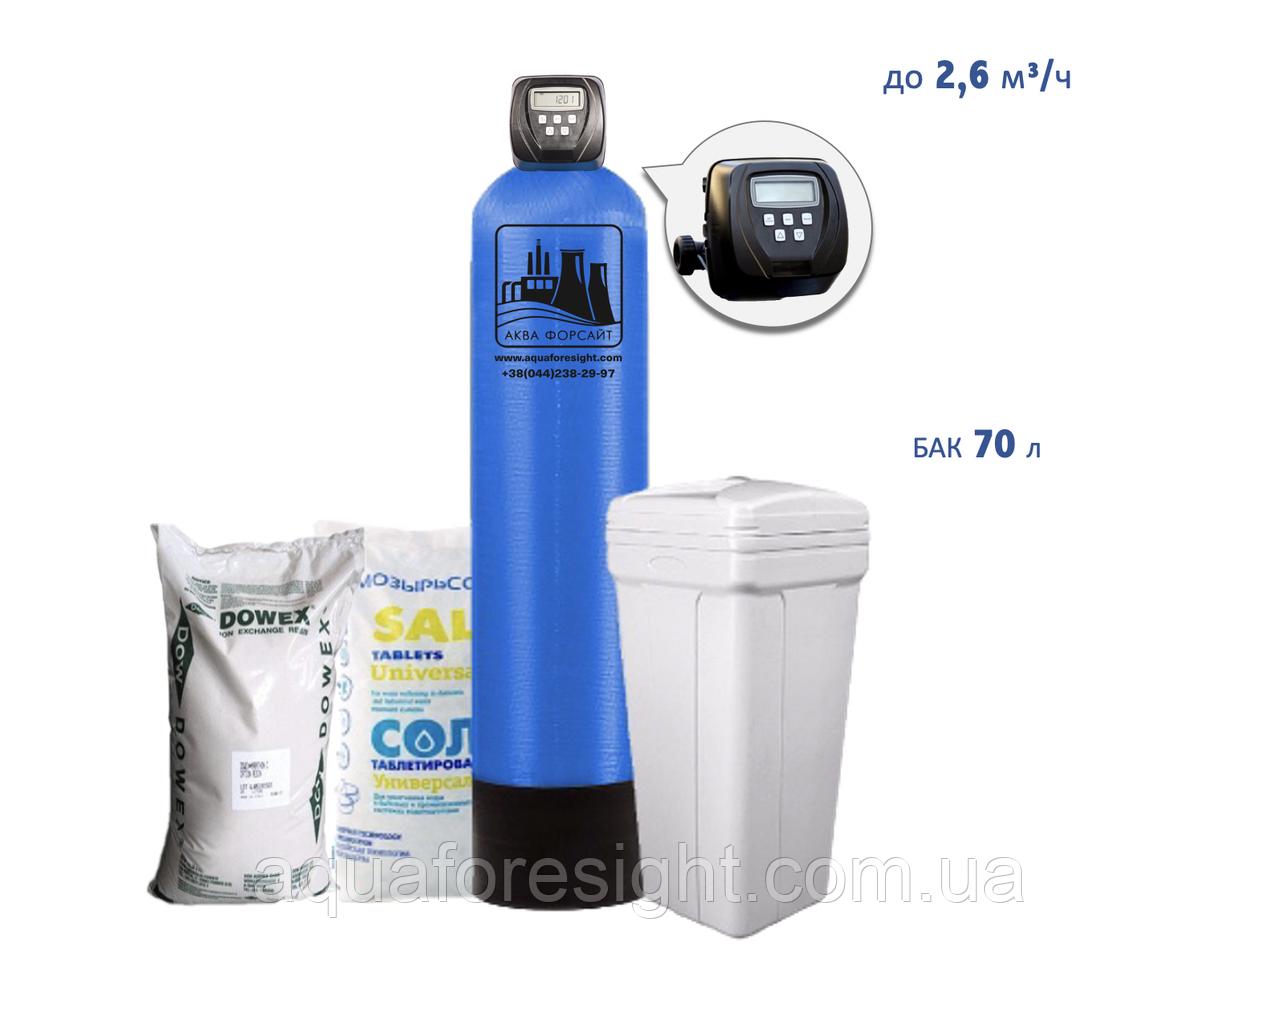 Система умягчения воды 1354 CI производительность 2,6 м3/час